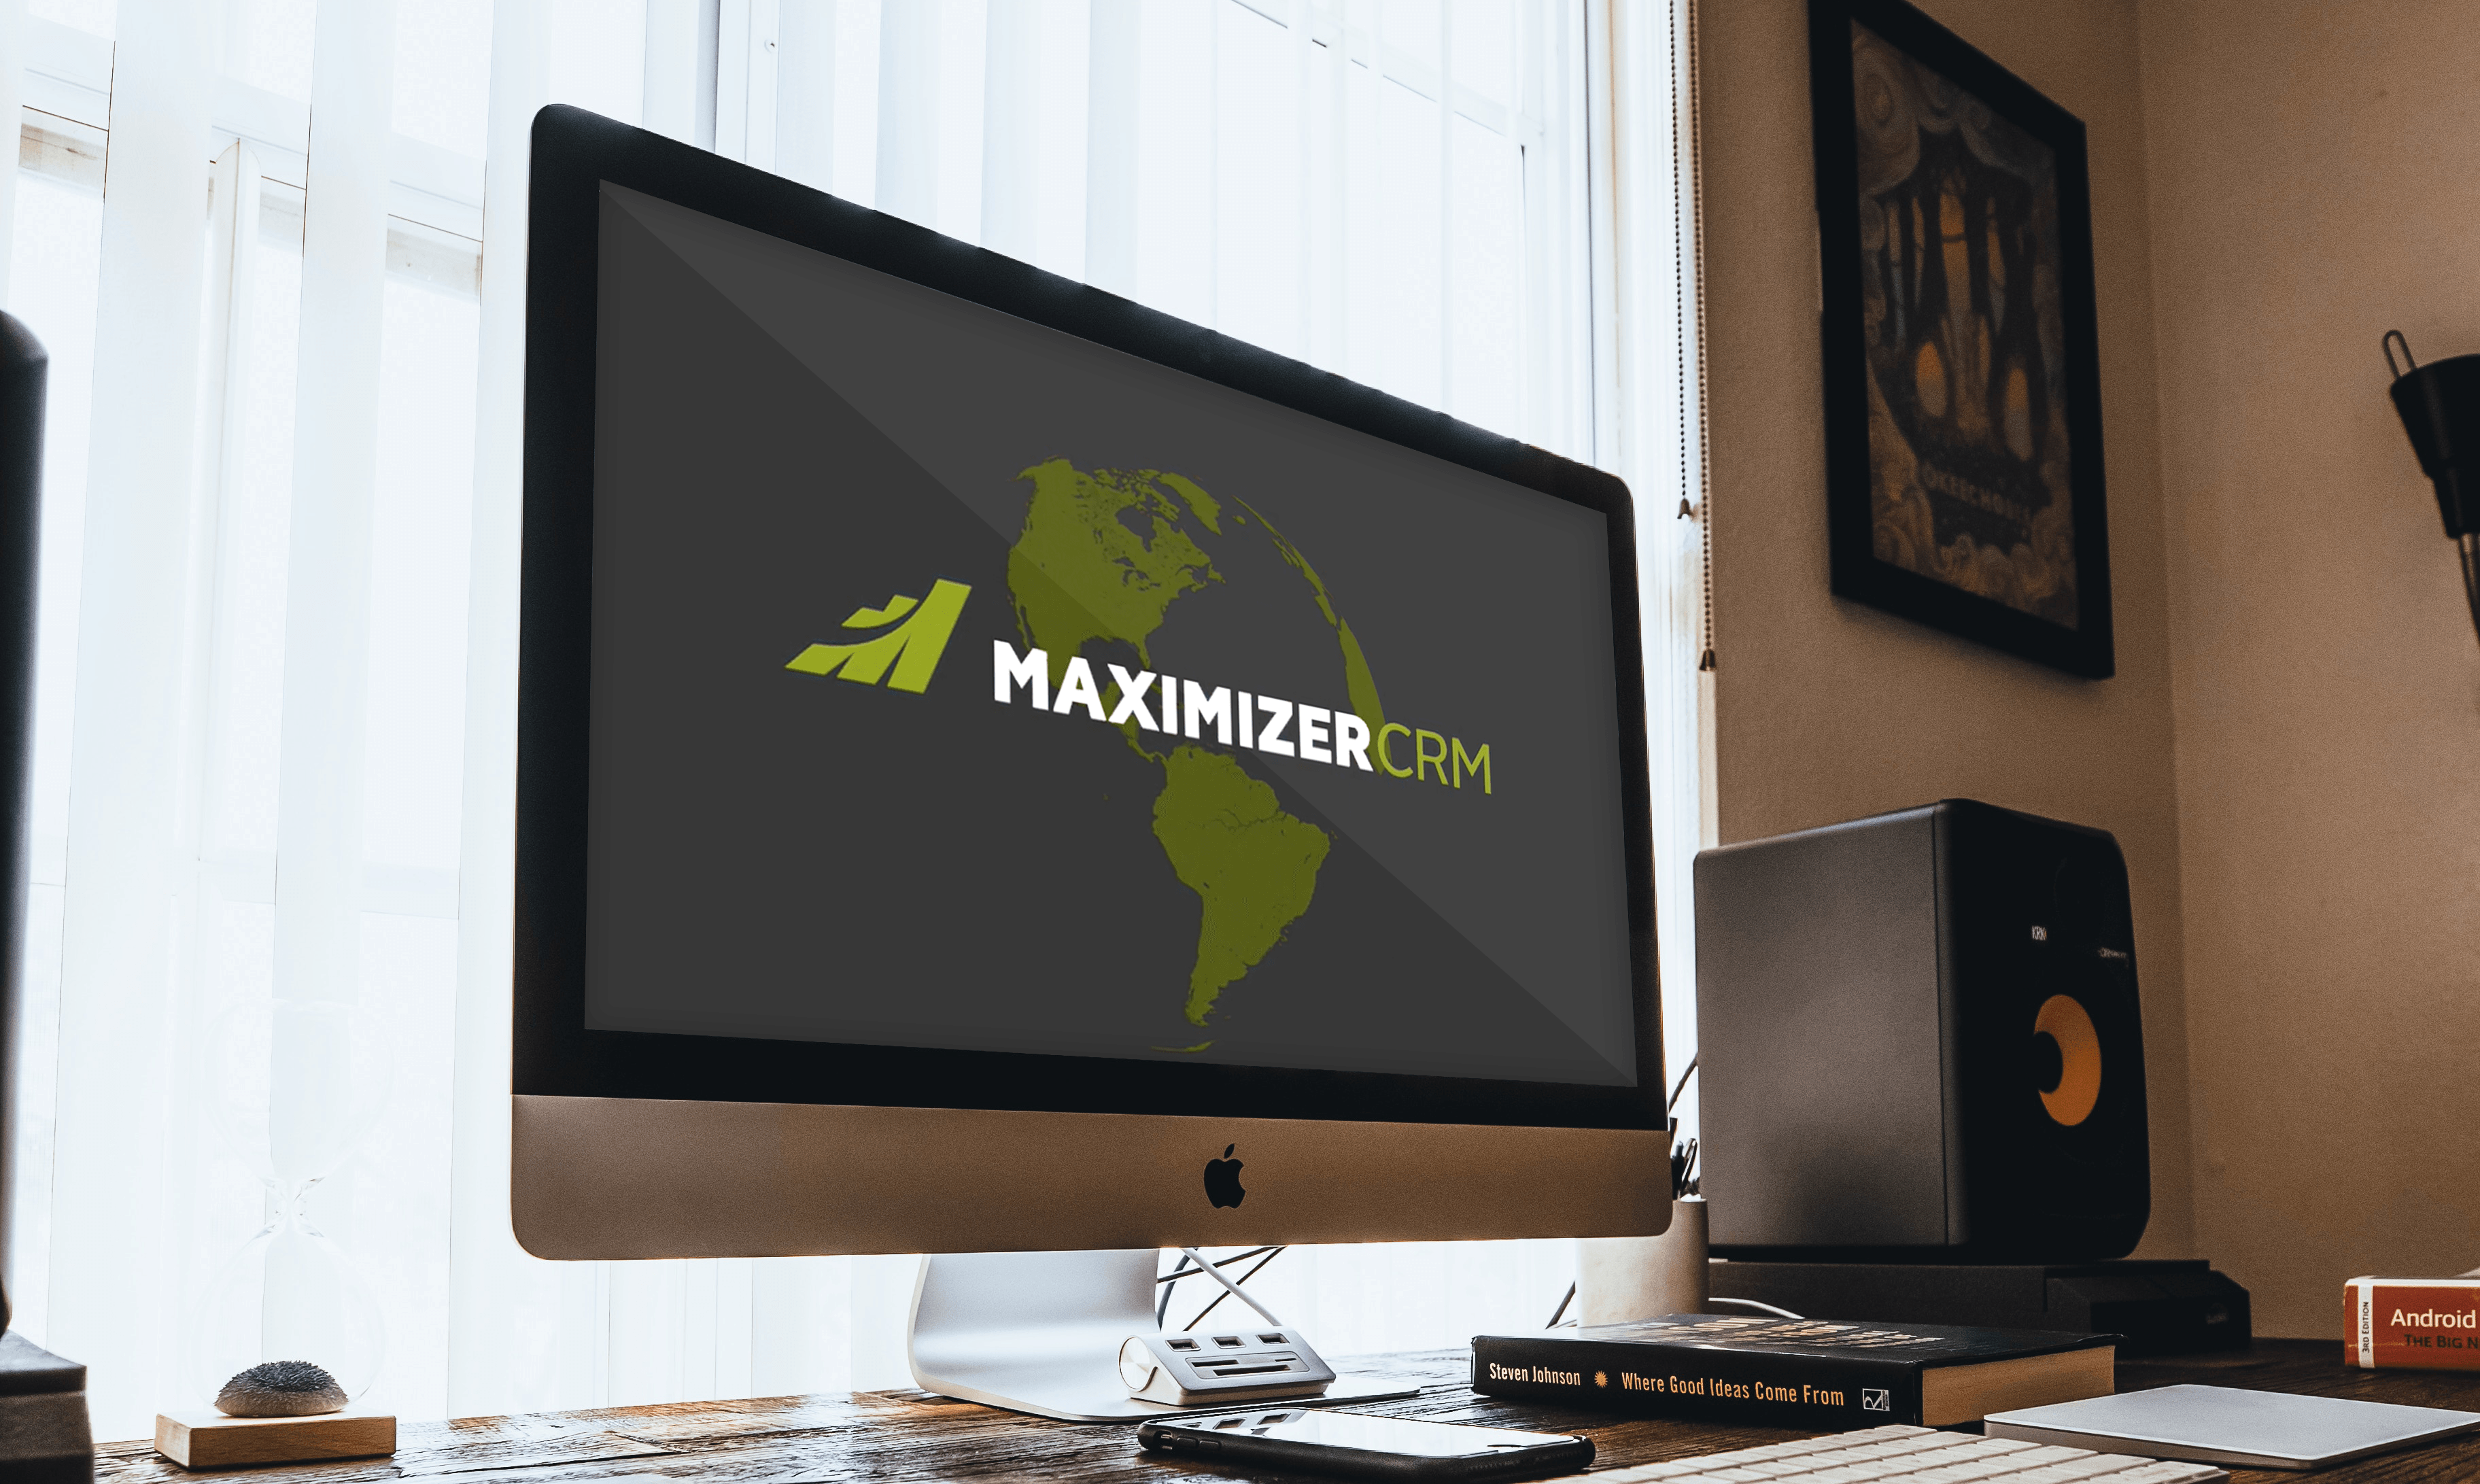 Ontdek wat Maximizer CRM onderscheidt van andere CRM-systemen in dit blogartikel.